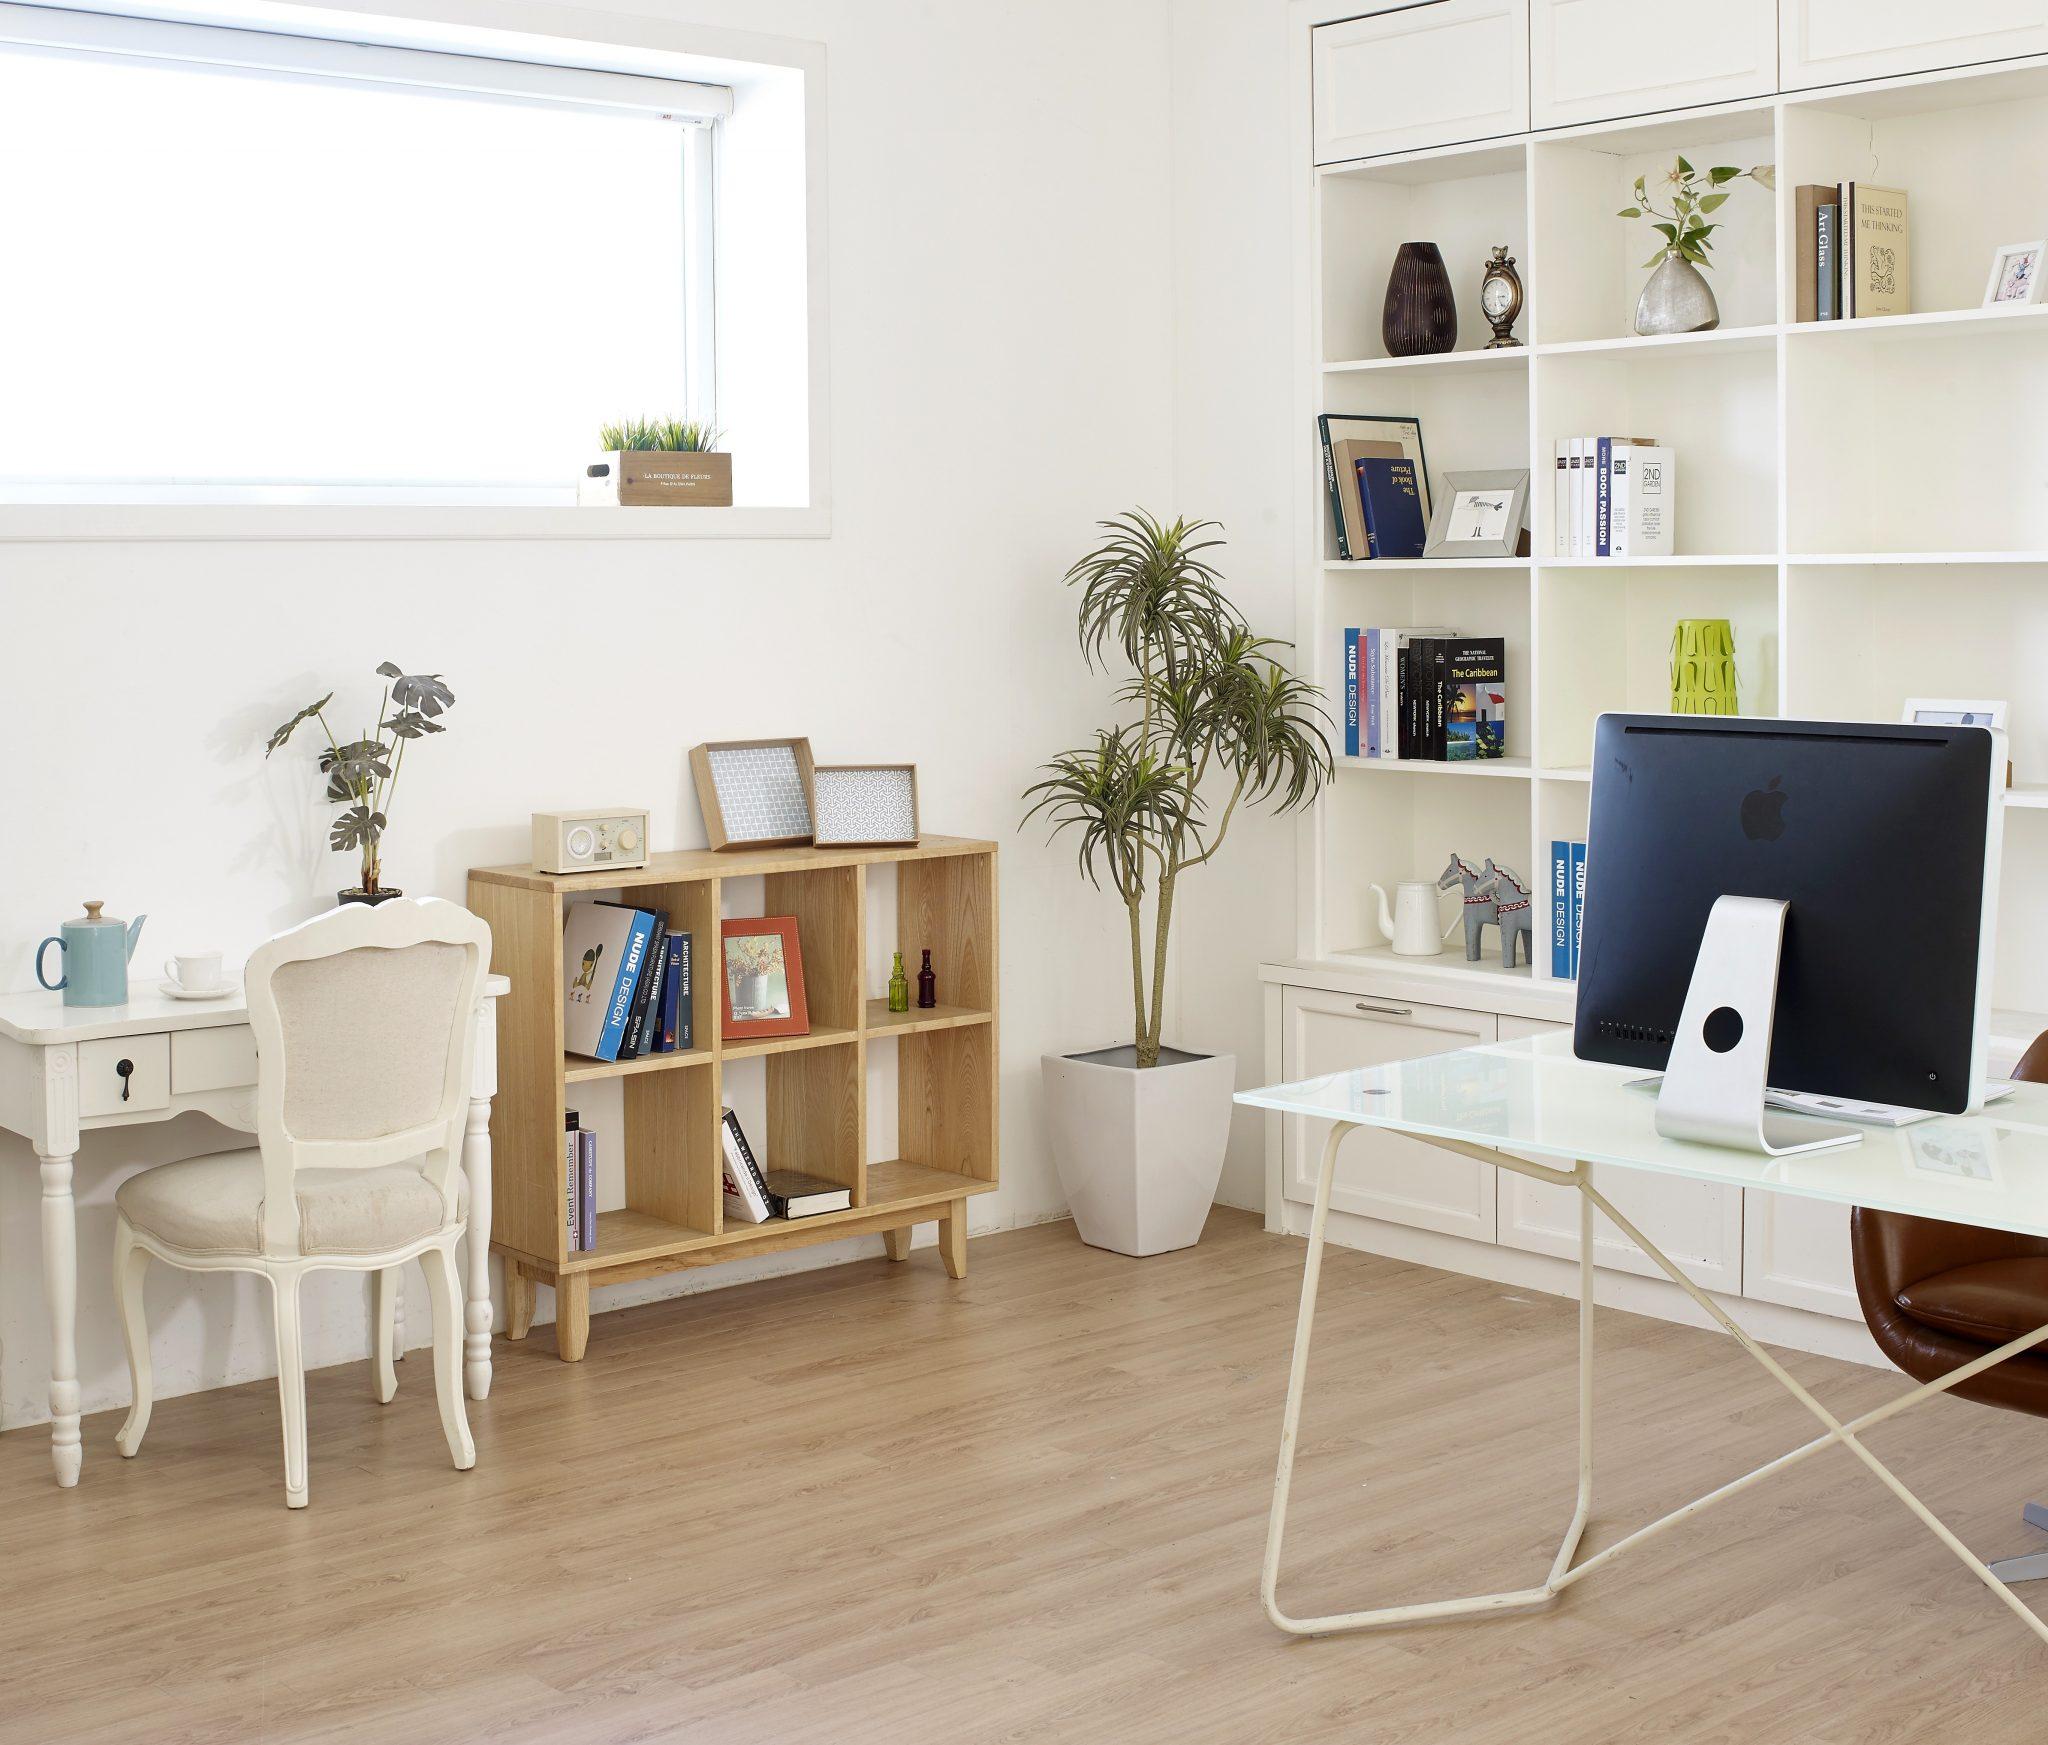 apartment-architecture-book